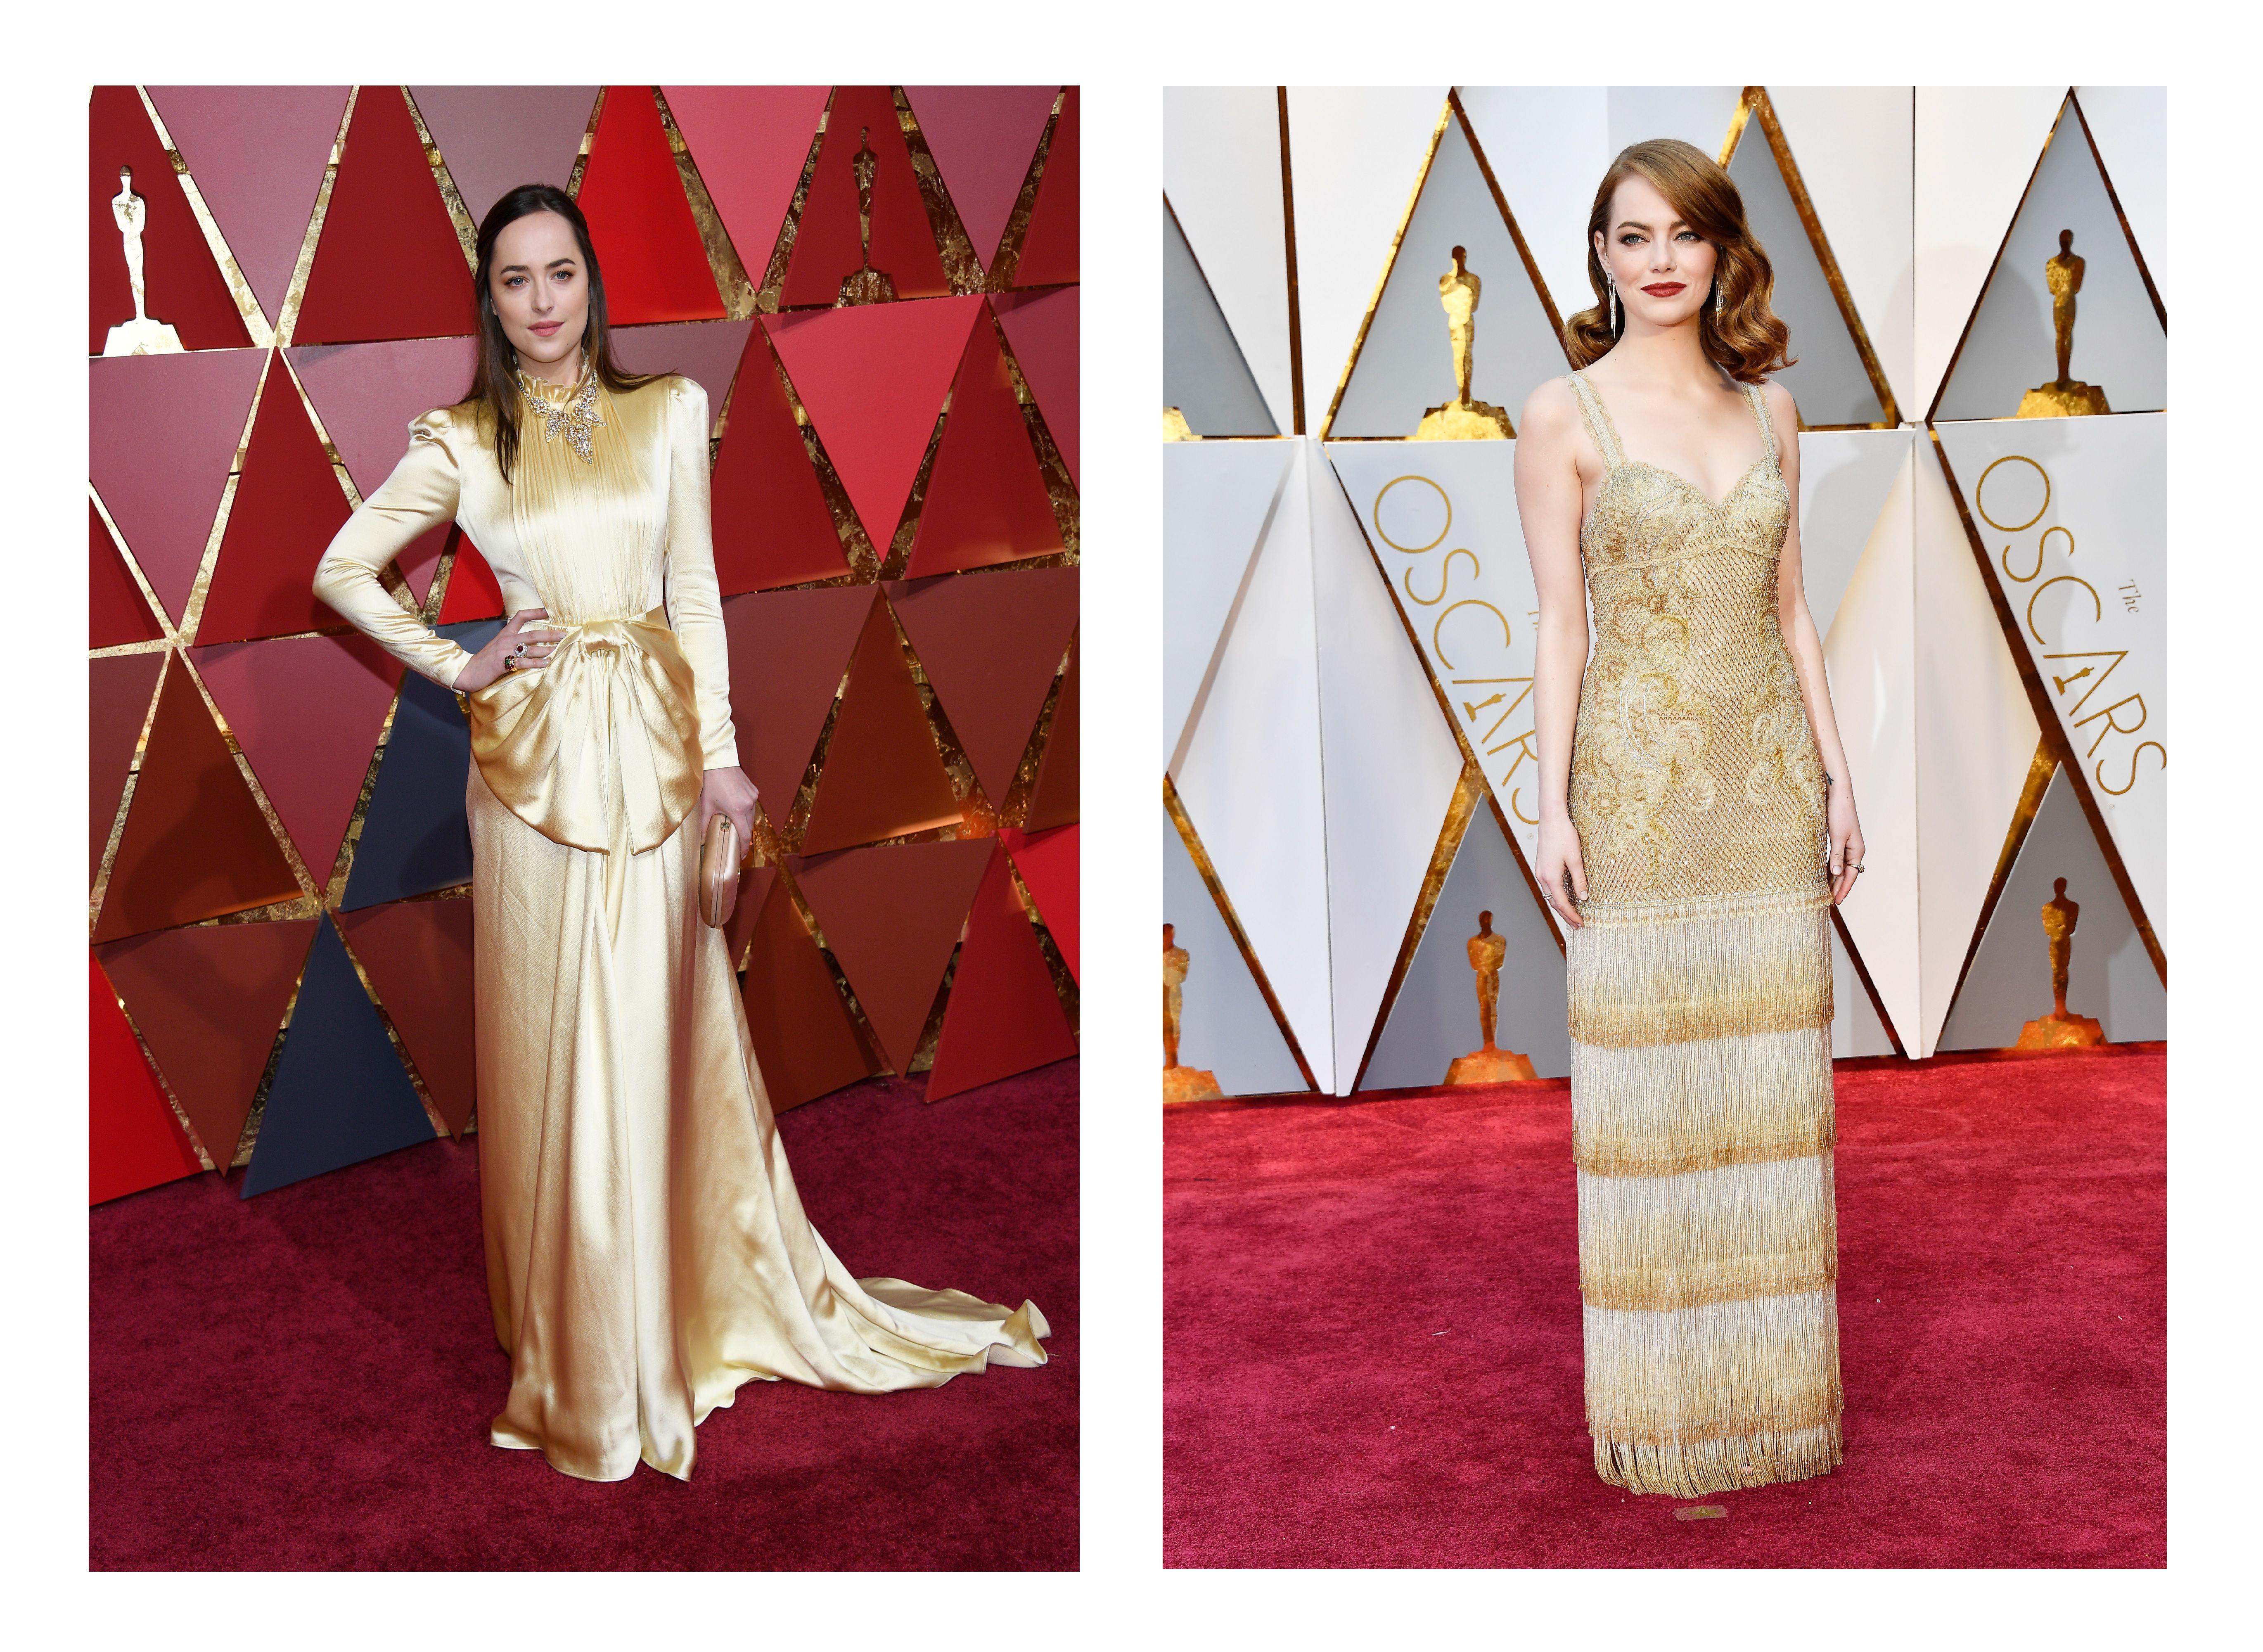 """Glumački Oskari su dodijeljeni, a tko je zaslužio one """"modne""""?"""